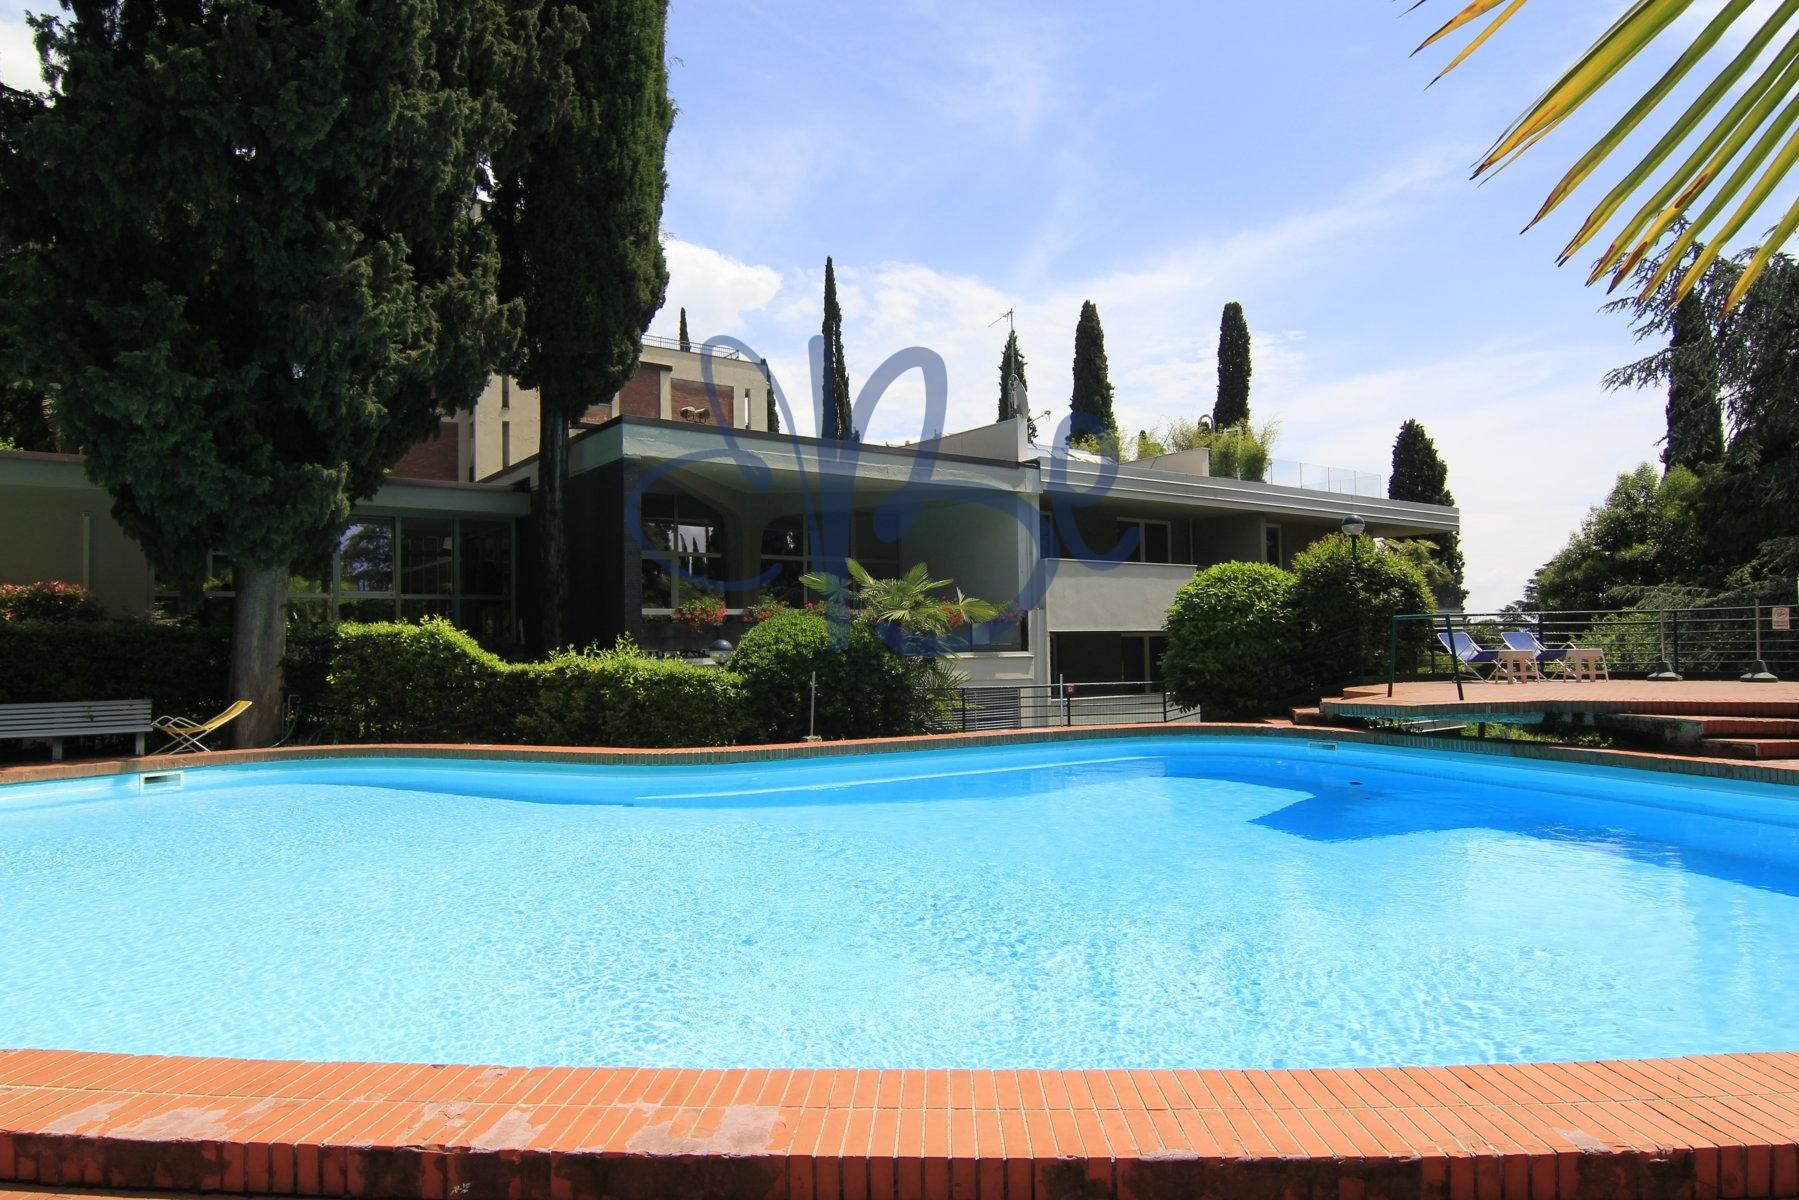 Appartamento in affitto a Gardone Riviera, 2 locali, Trattative riservate | CambioCasa.it